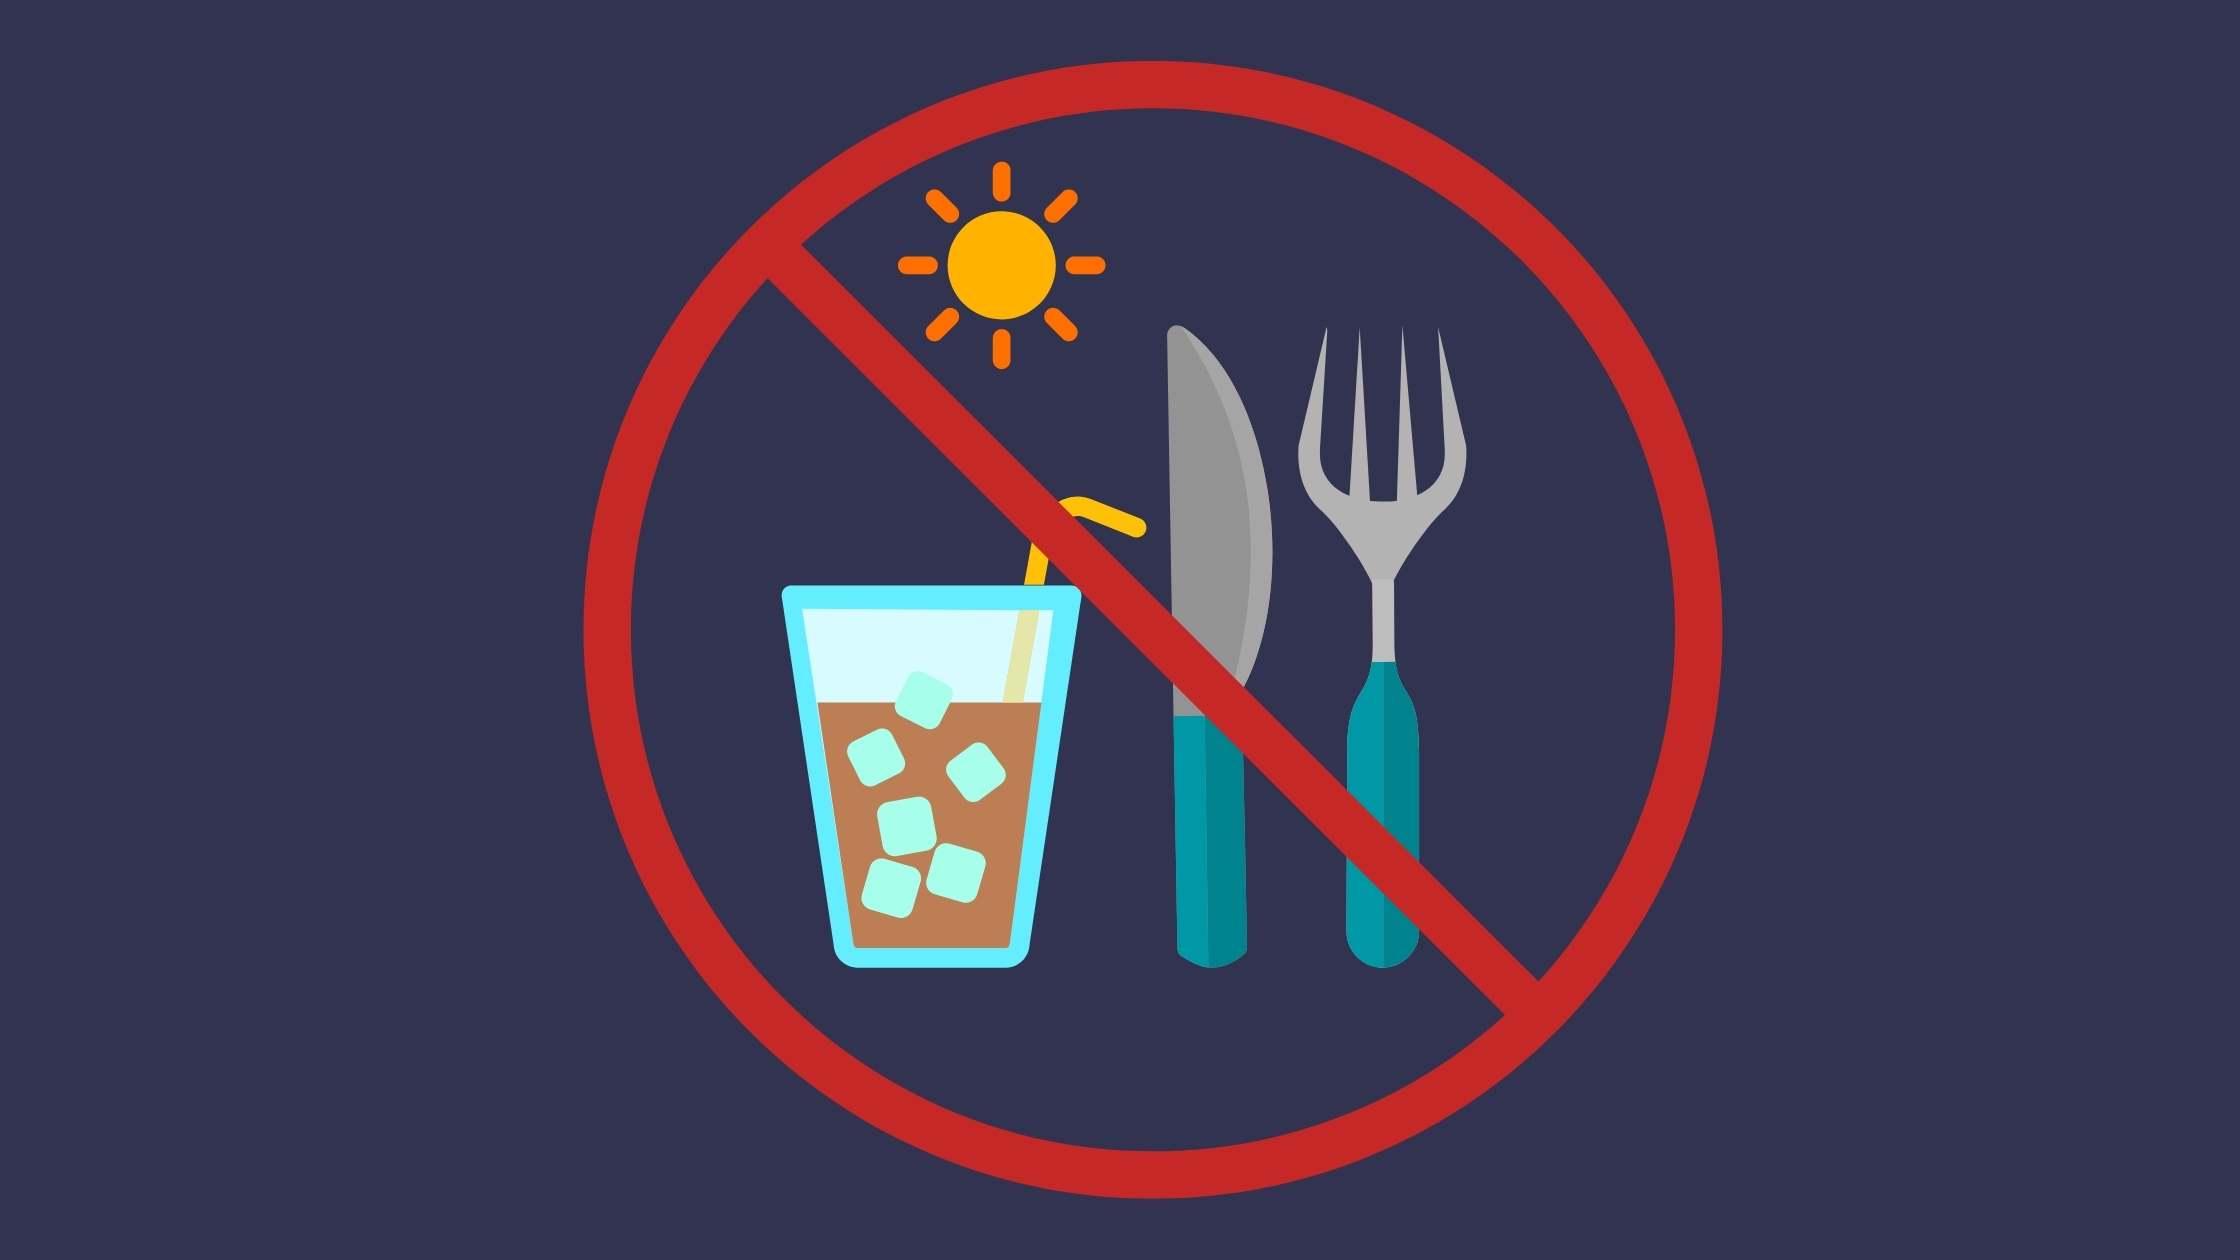 16 8 intermittent fasting diet